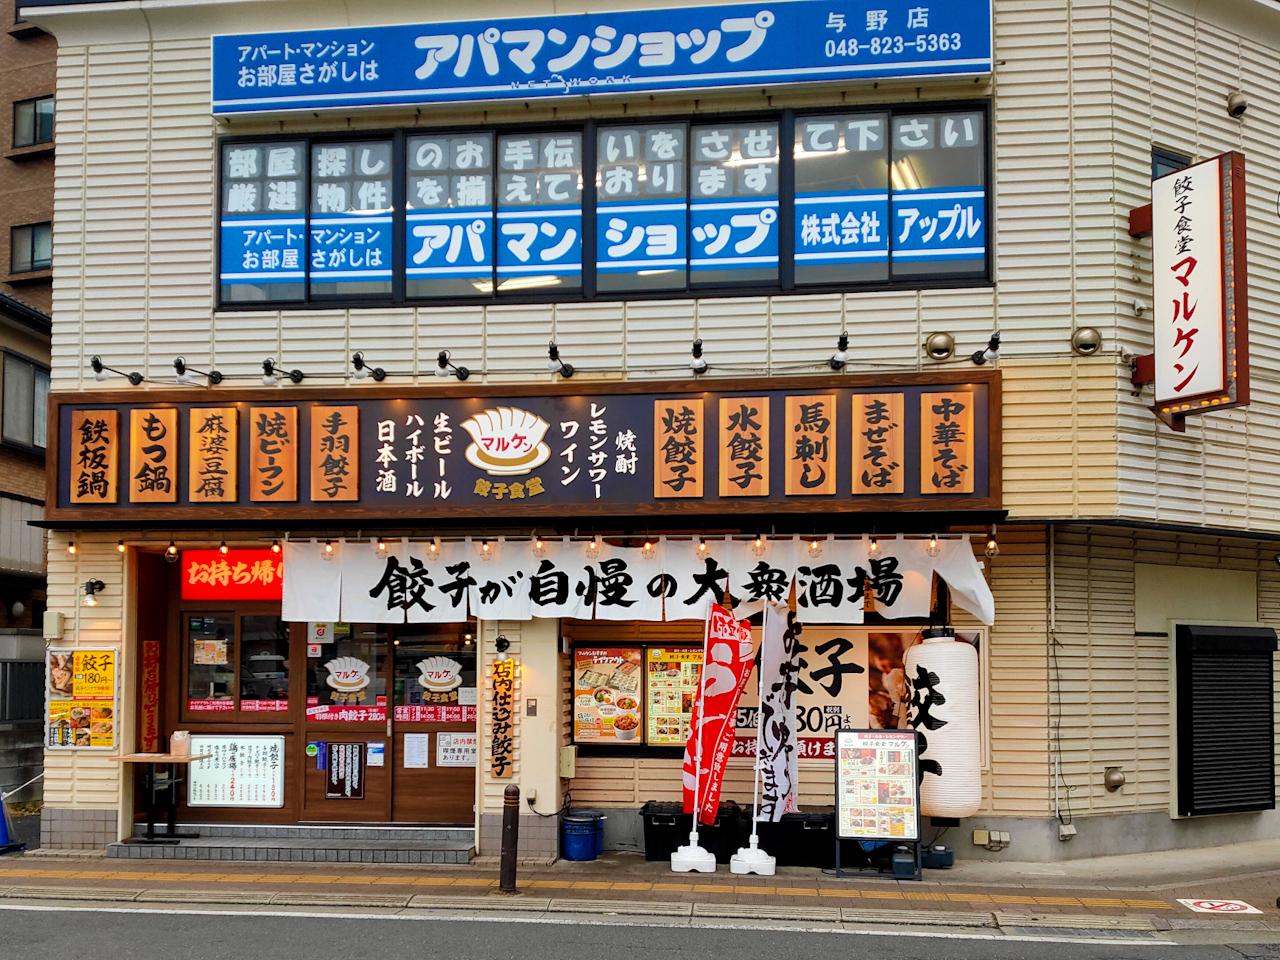 餃子食堂マルケン 与野駅前店